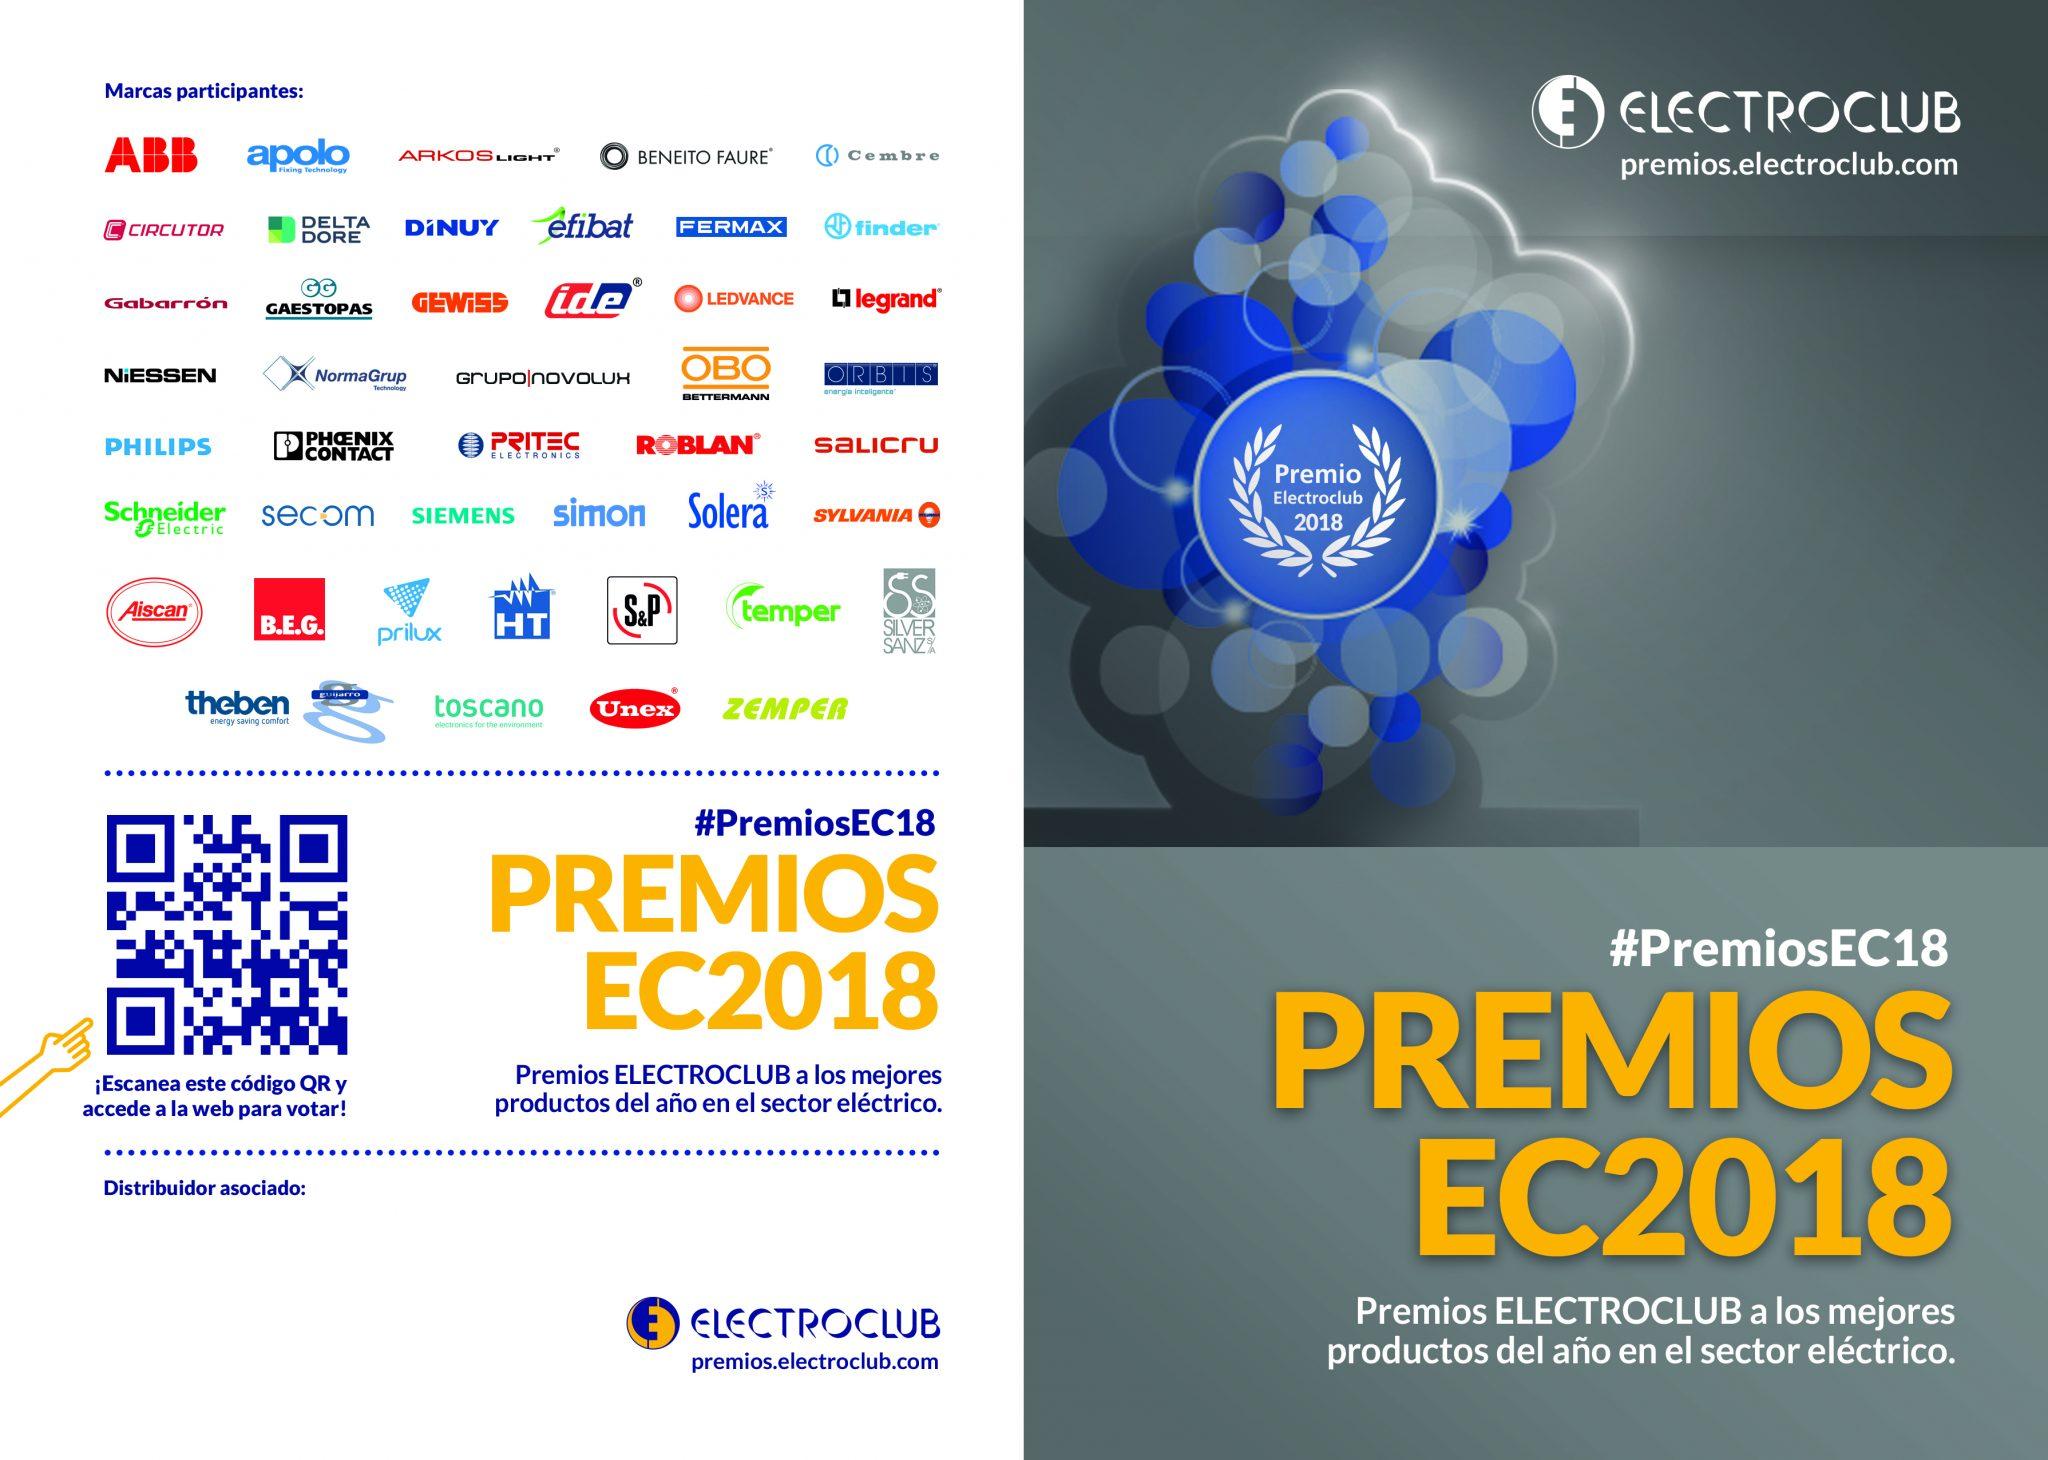 La 3ª edición de los Premios Electroclub ya ha llegado